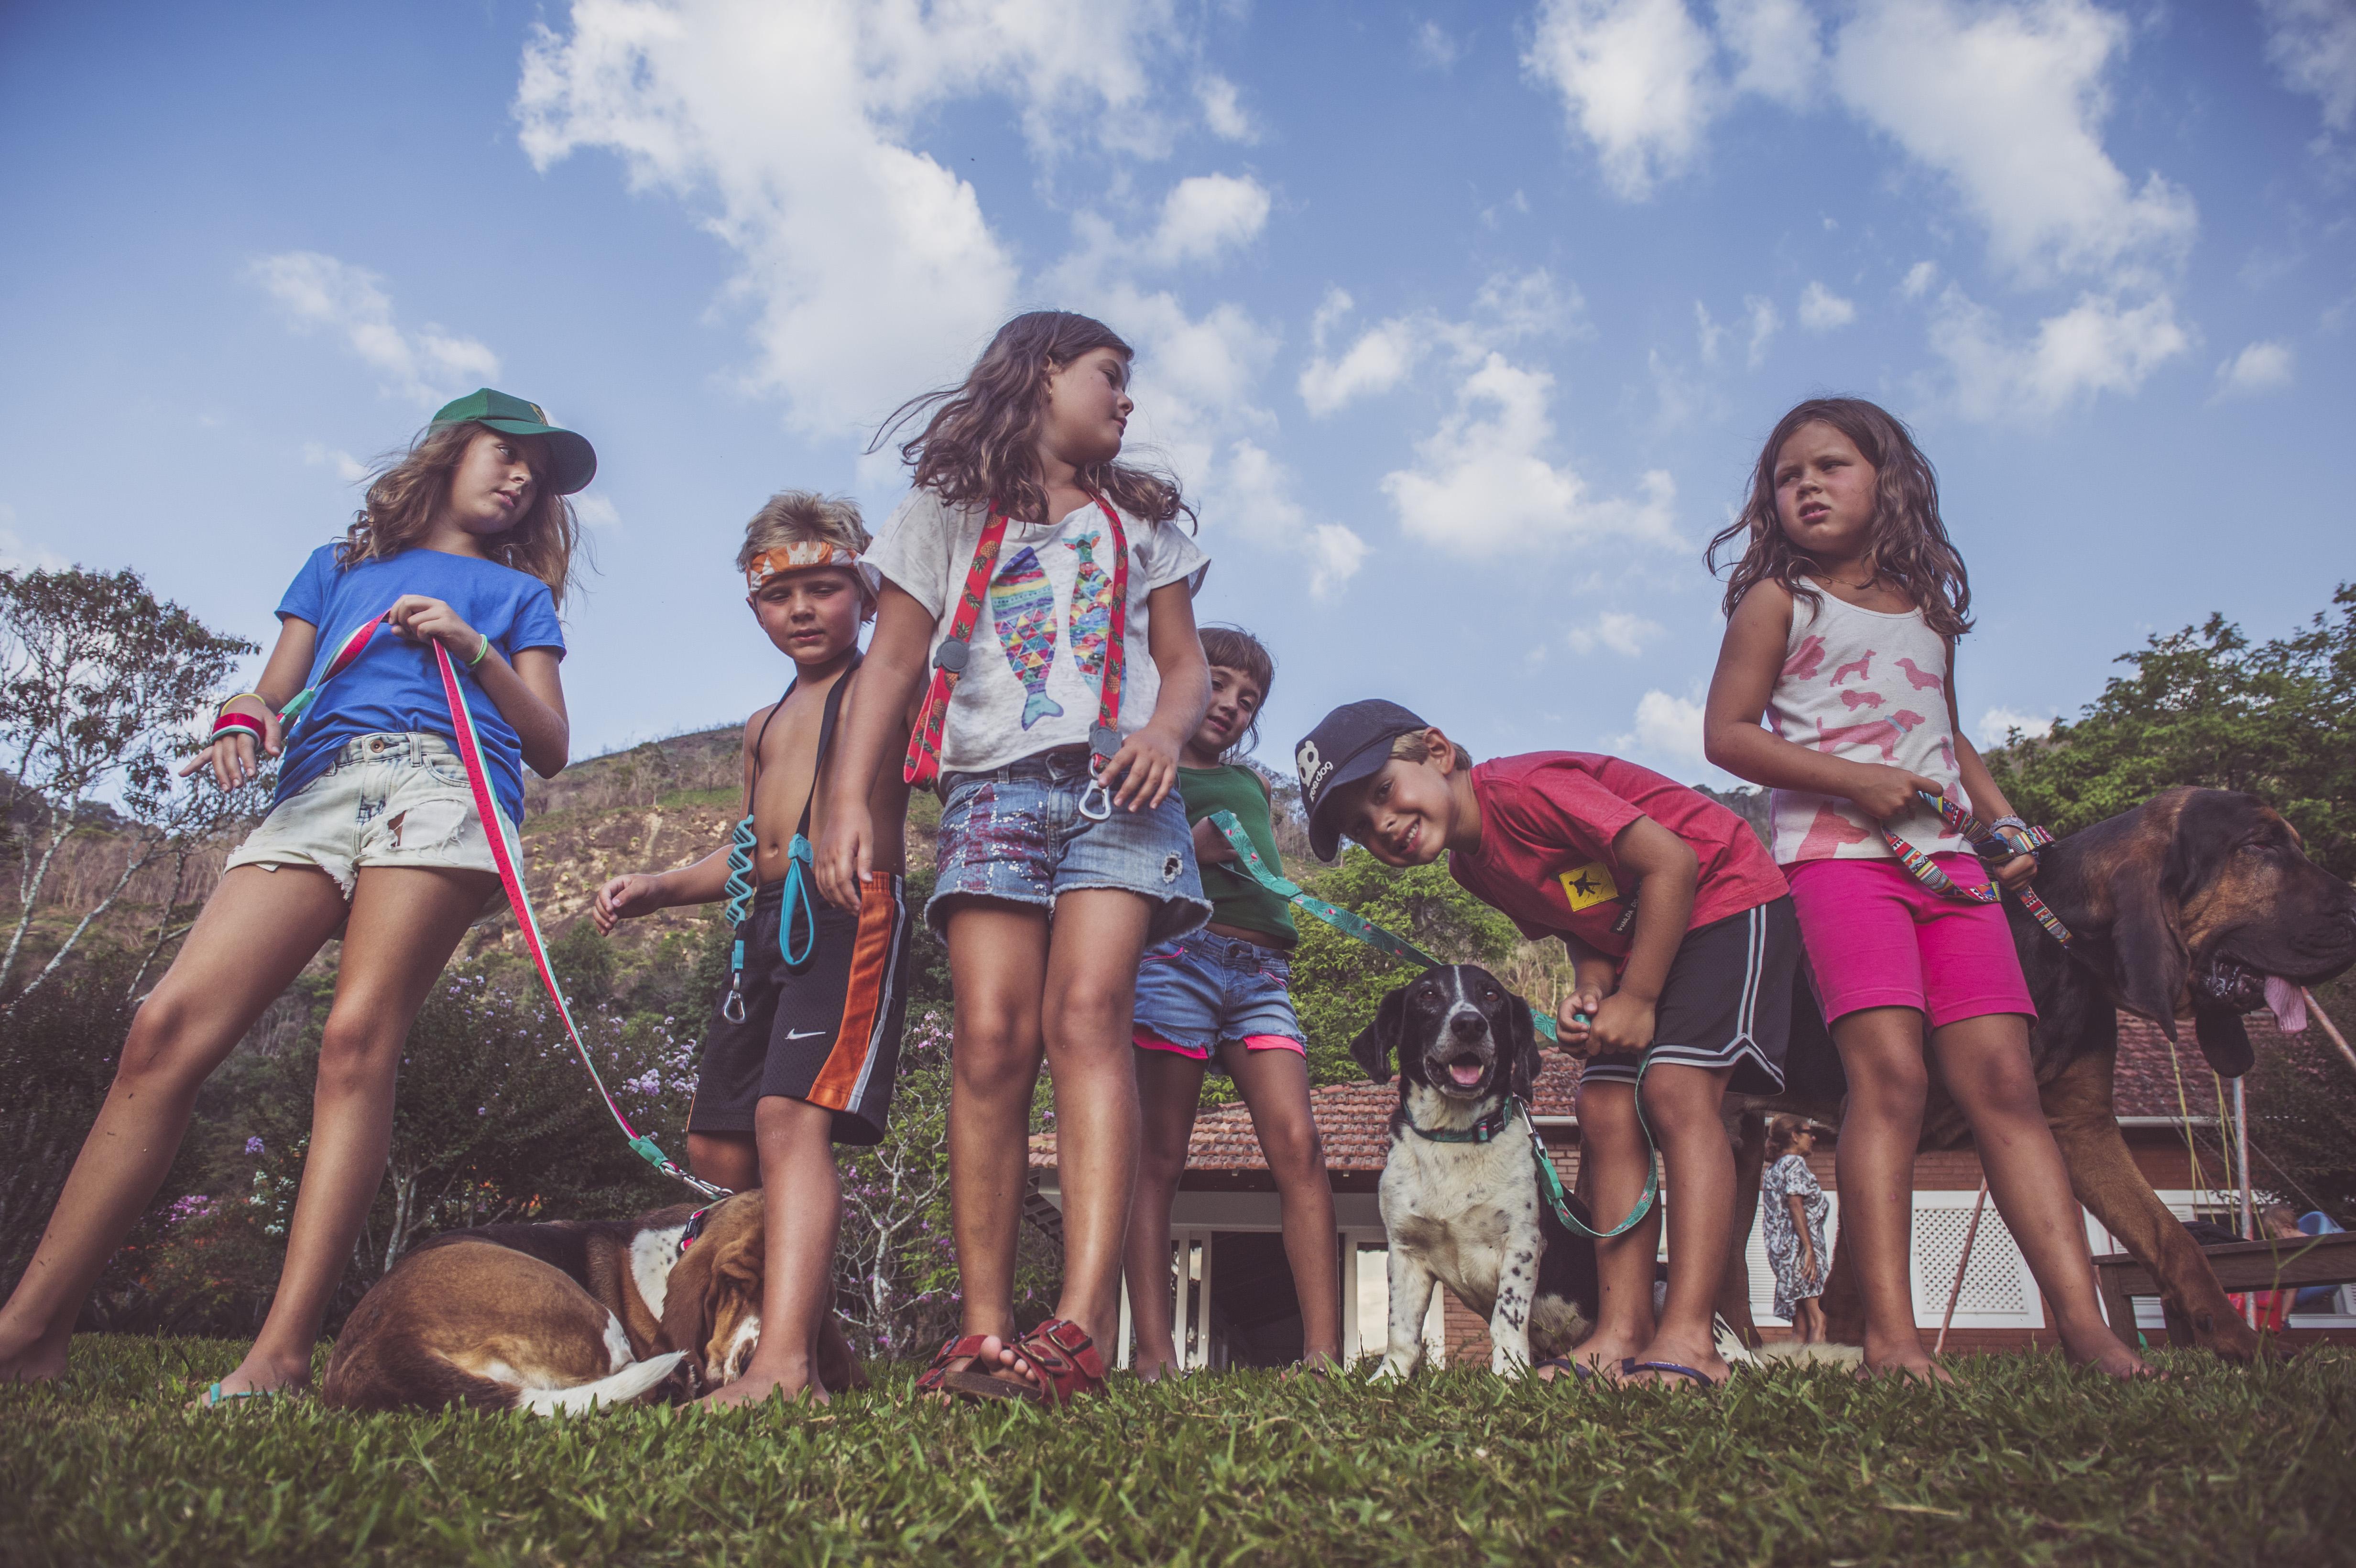 cachorros e crianças